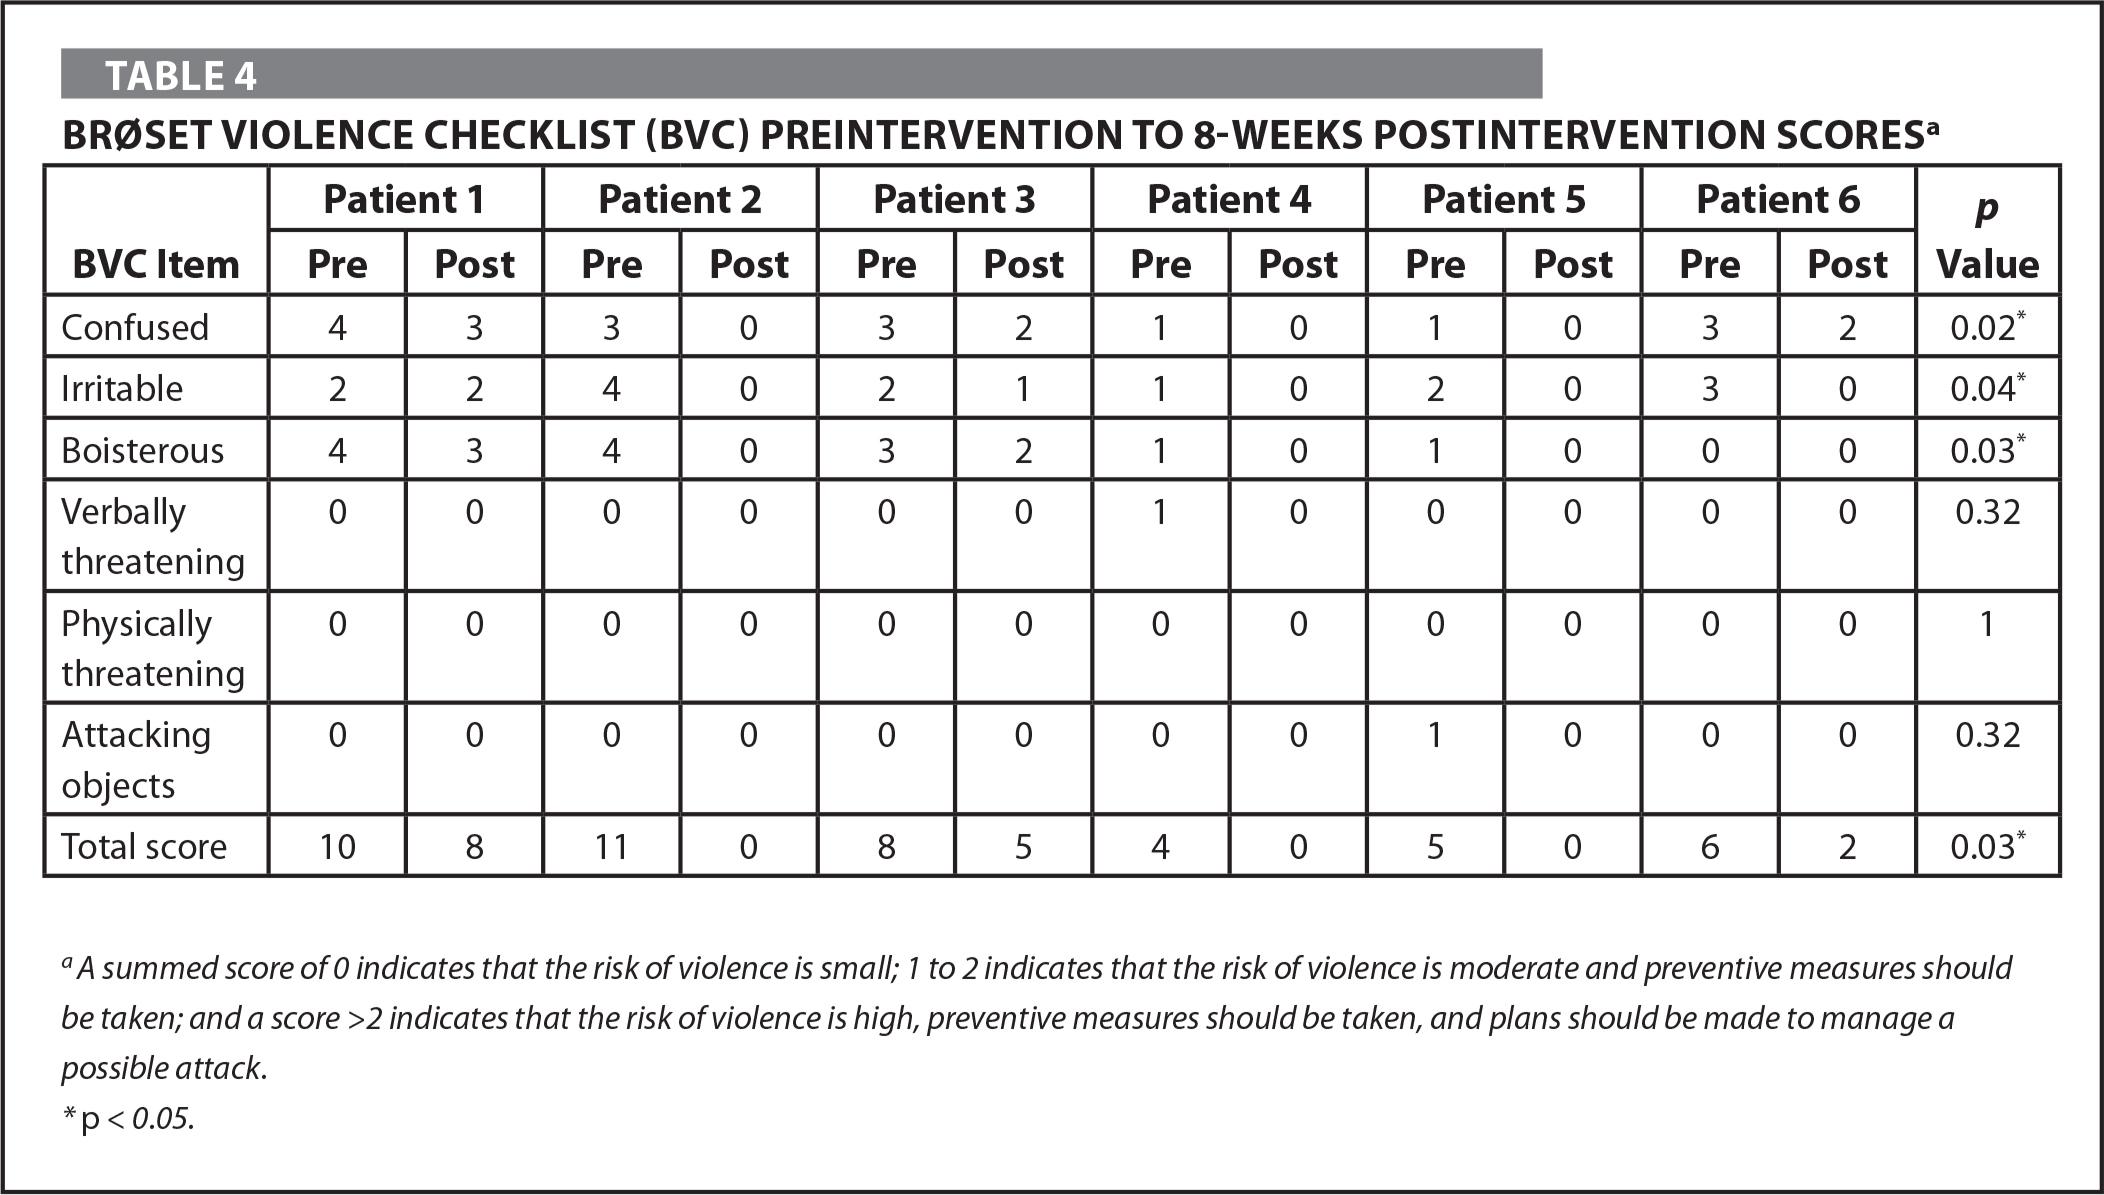 Brøset Violence Checklist (BVC) Preintervention to 8-Weeks Postintervention Scoresa